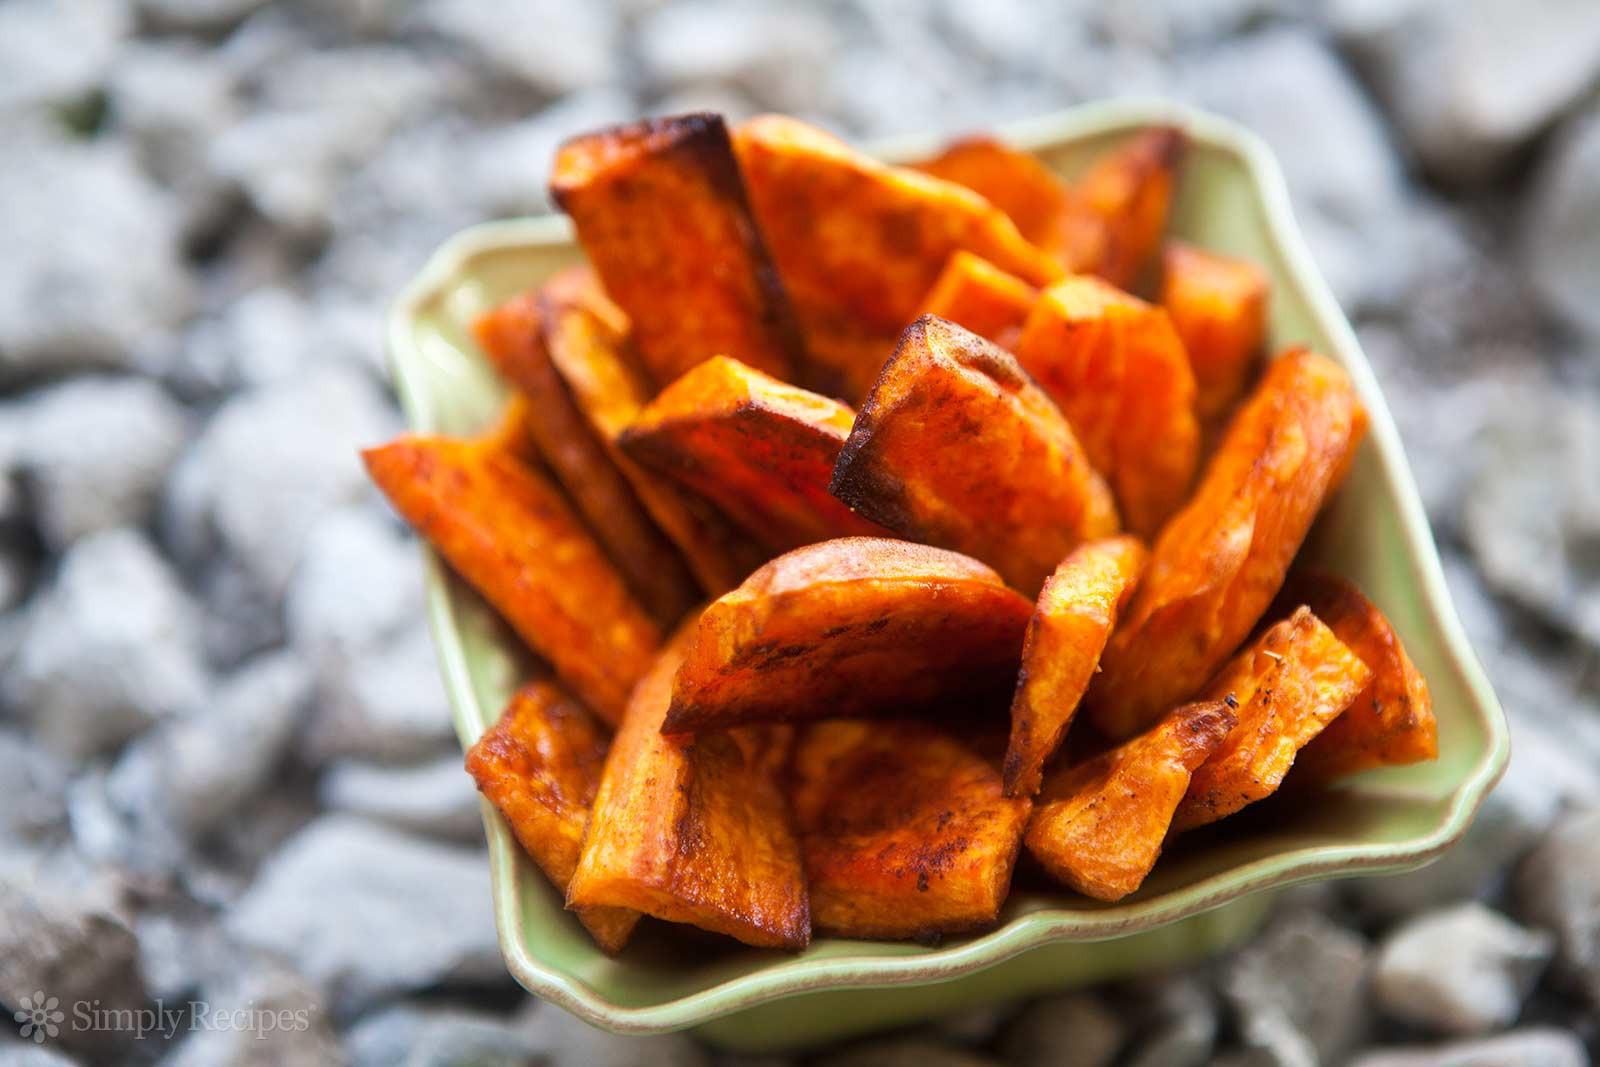 Không muốn bị tăng cân vù vù thì bạn nên thay thế những món khoái khẩu này bằng các thực phẩm lành mạnh hơn - Ảnh 8.